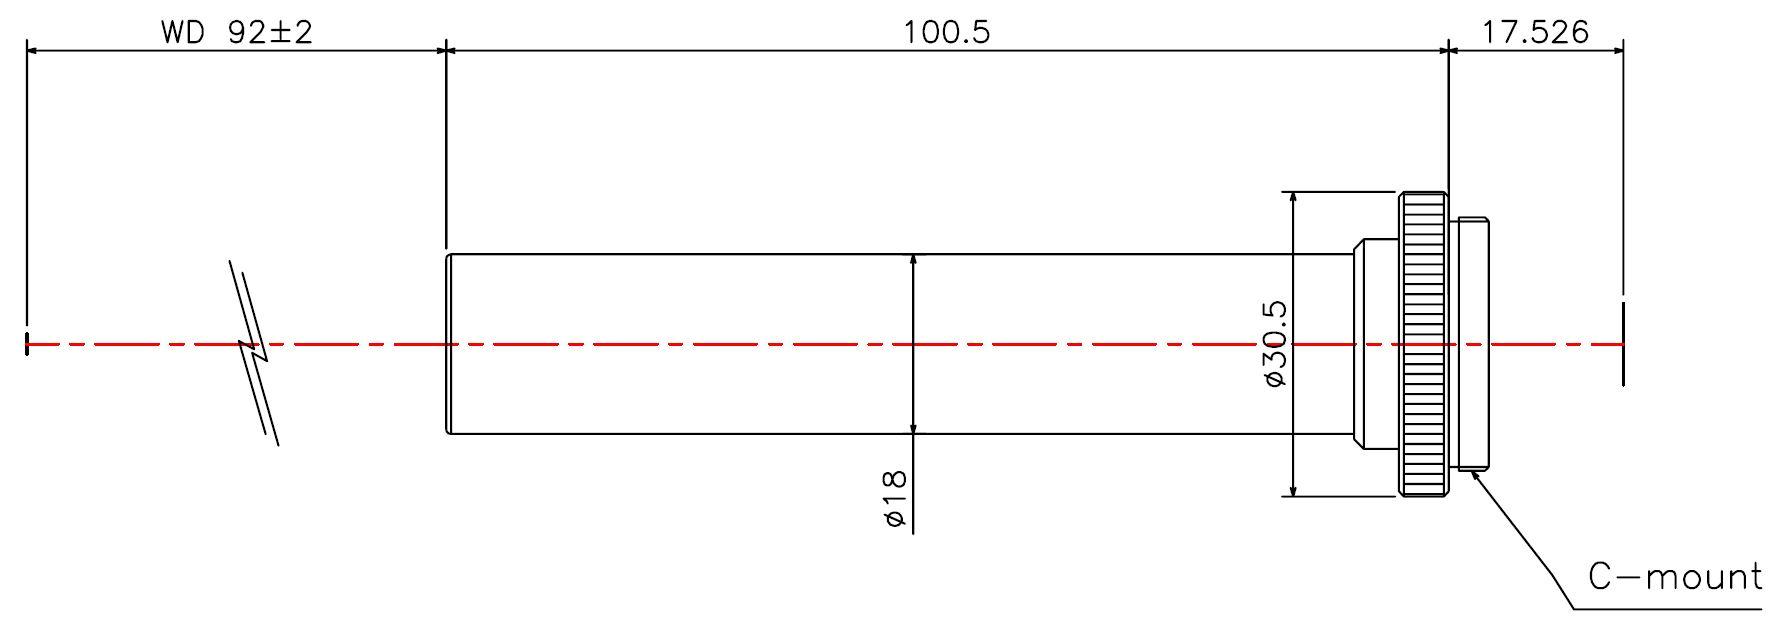 Lensagon MCST-40-92